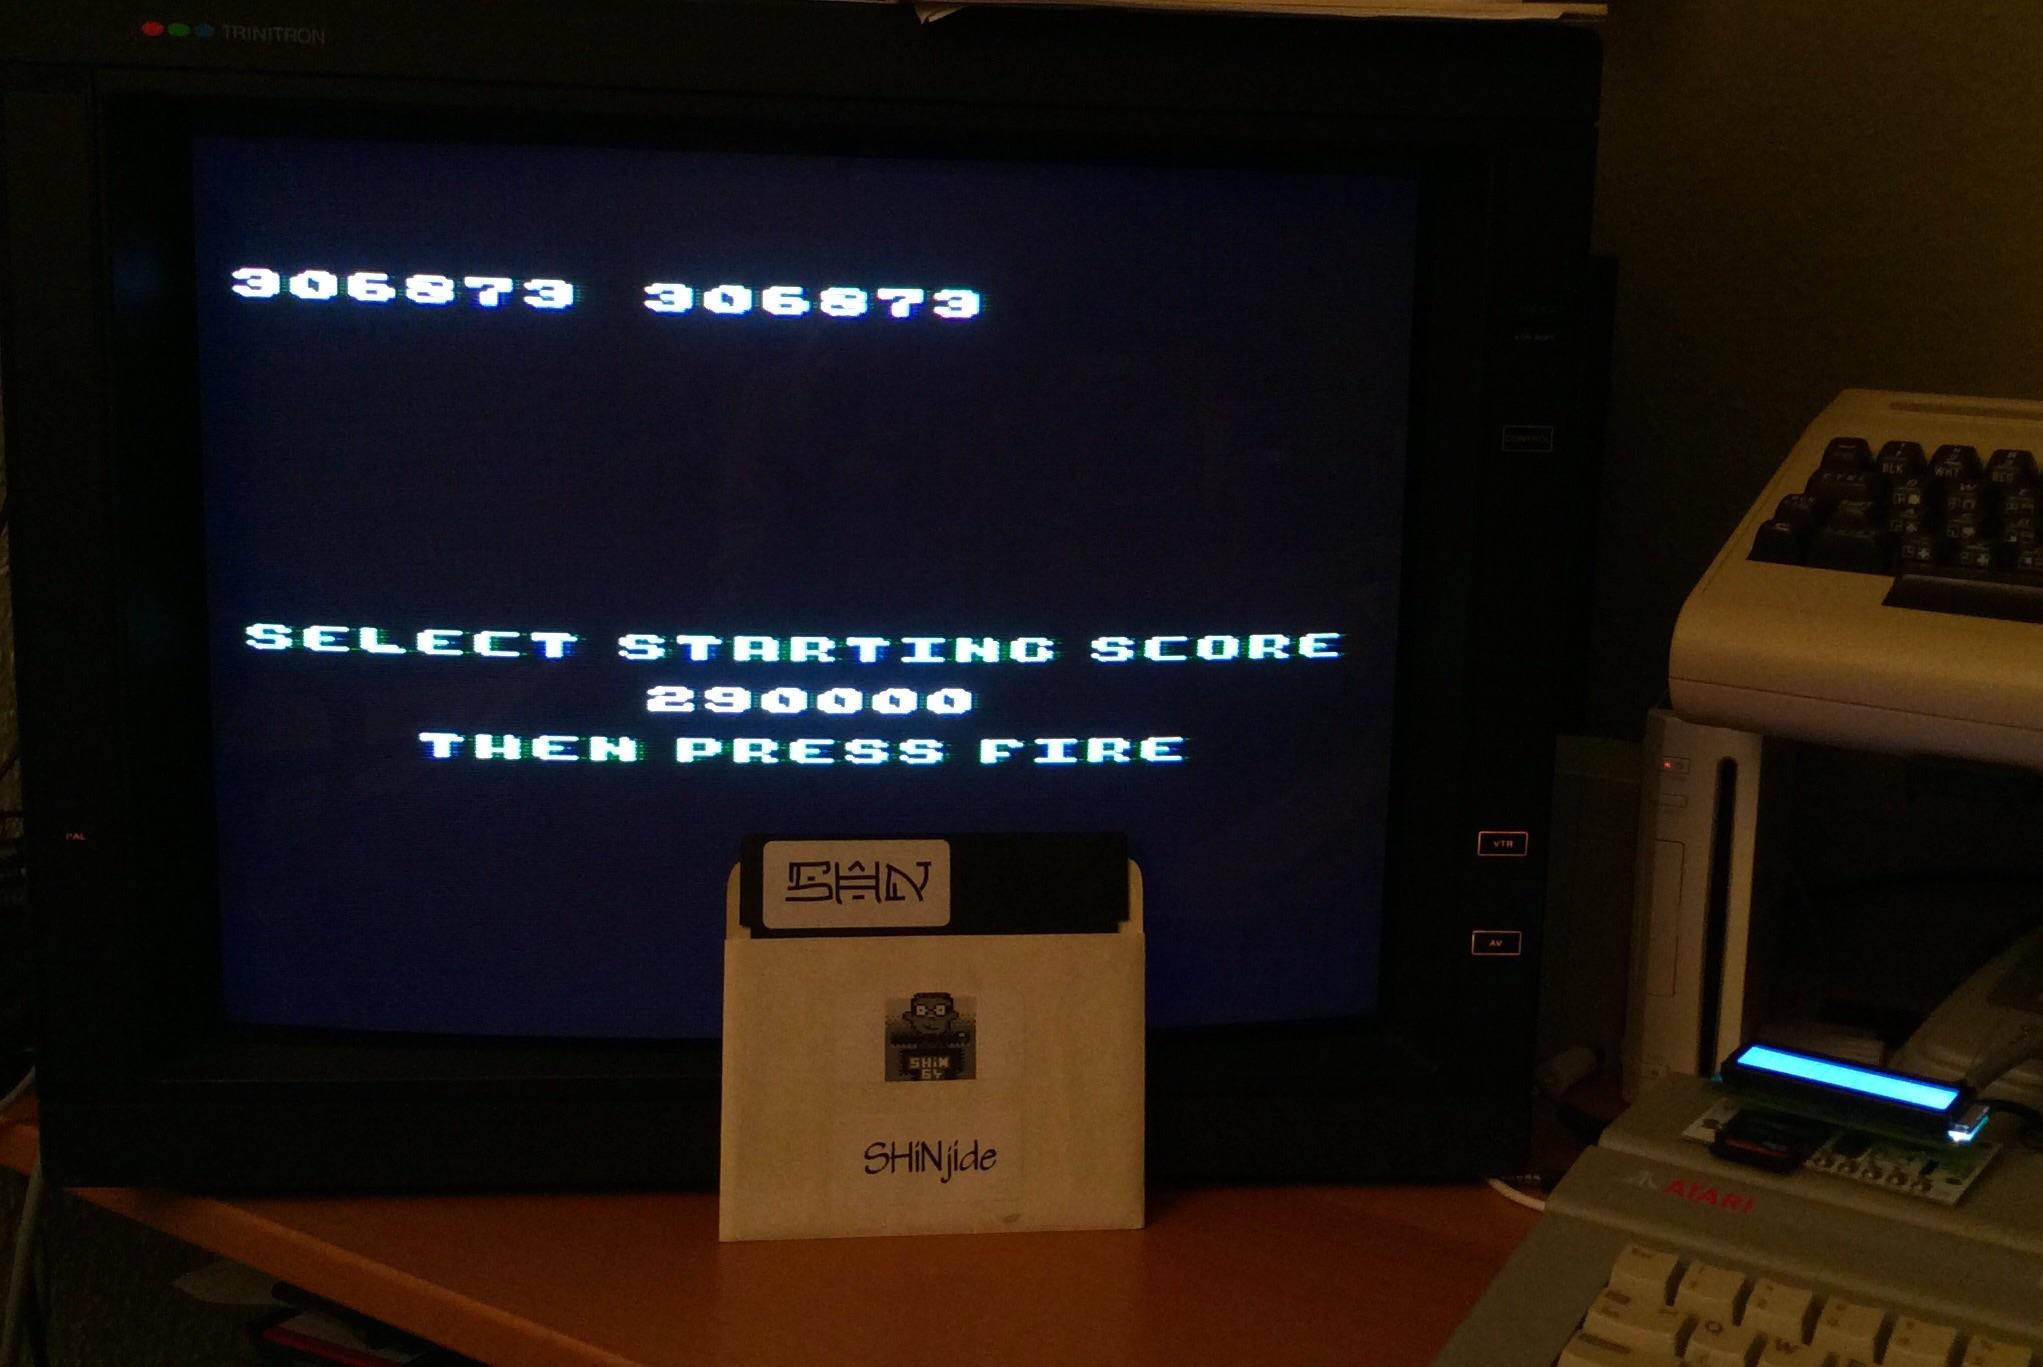 SHiNjide: Millipede (Atari 400/800/XL/XE) 306,873 points on 2015-01-23 15:51:15